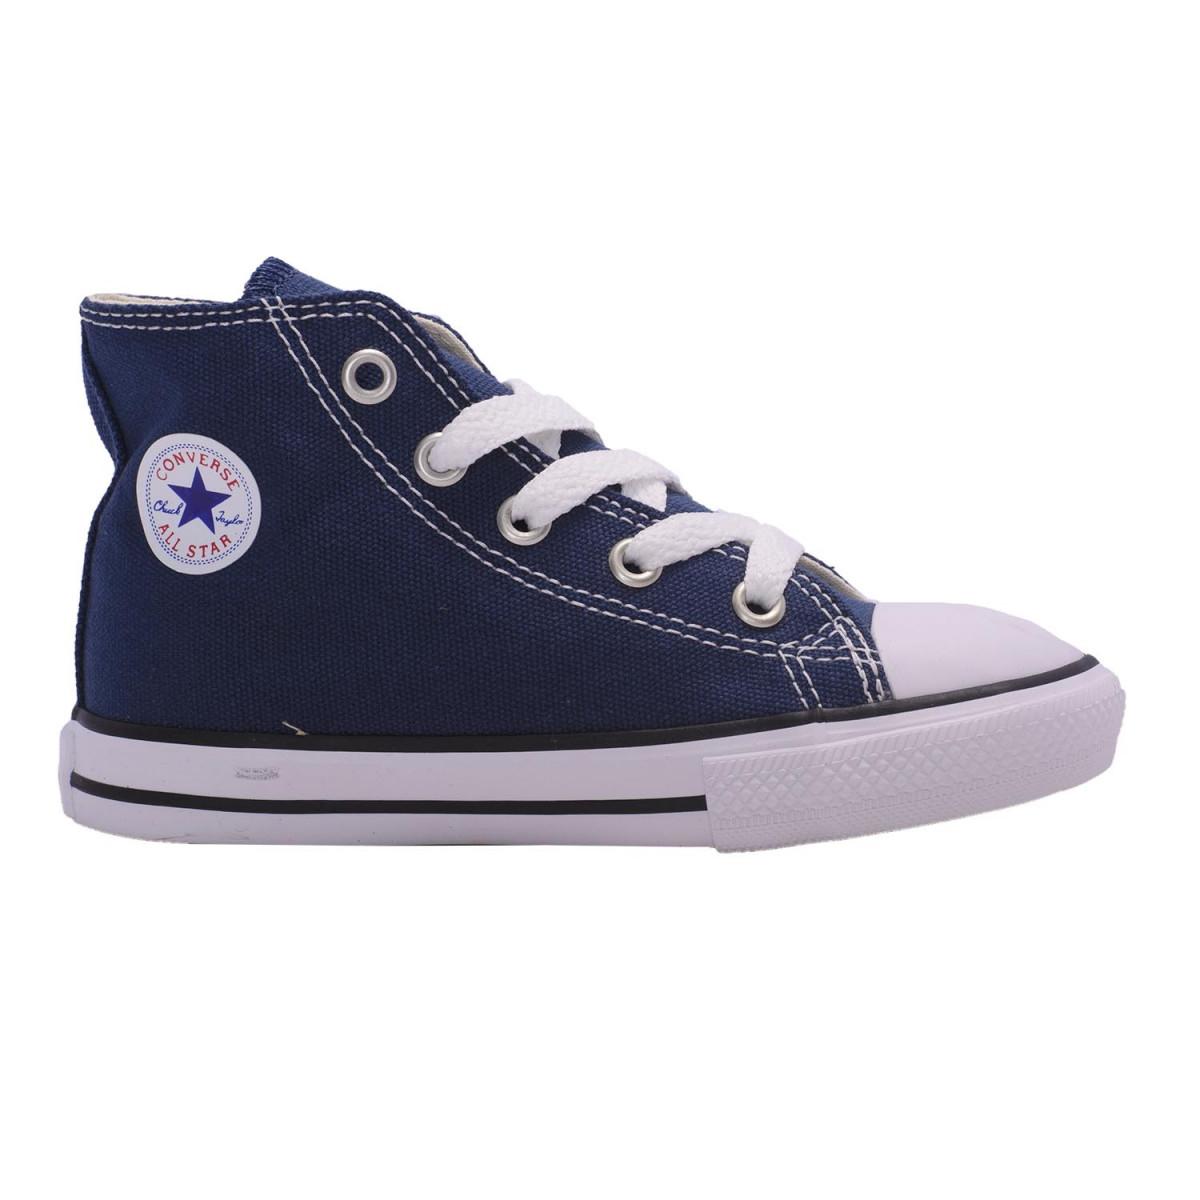 3a2a9e8f628 Zapatillas Converse Chuck Taylor All Star - Niños